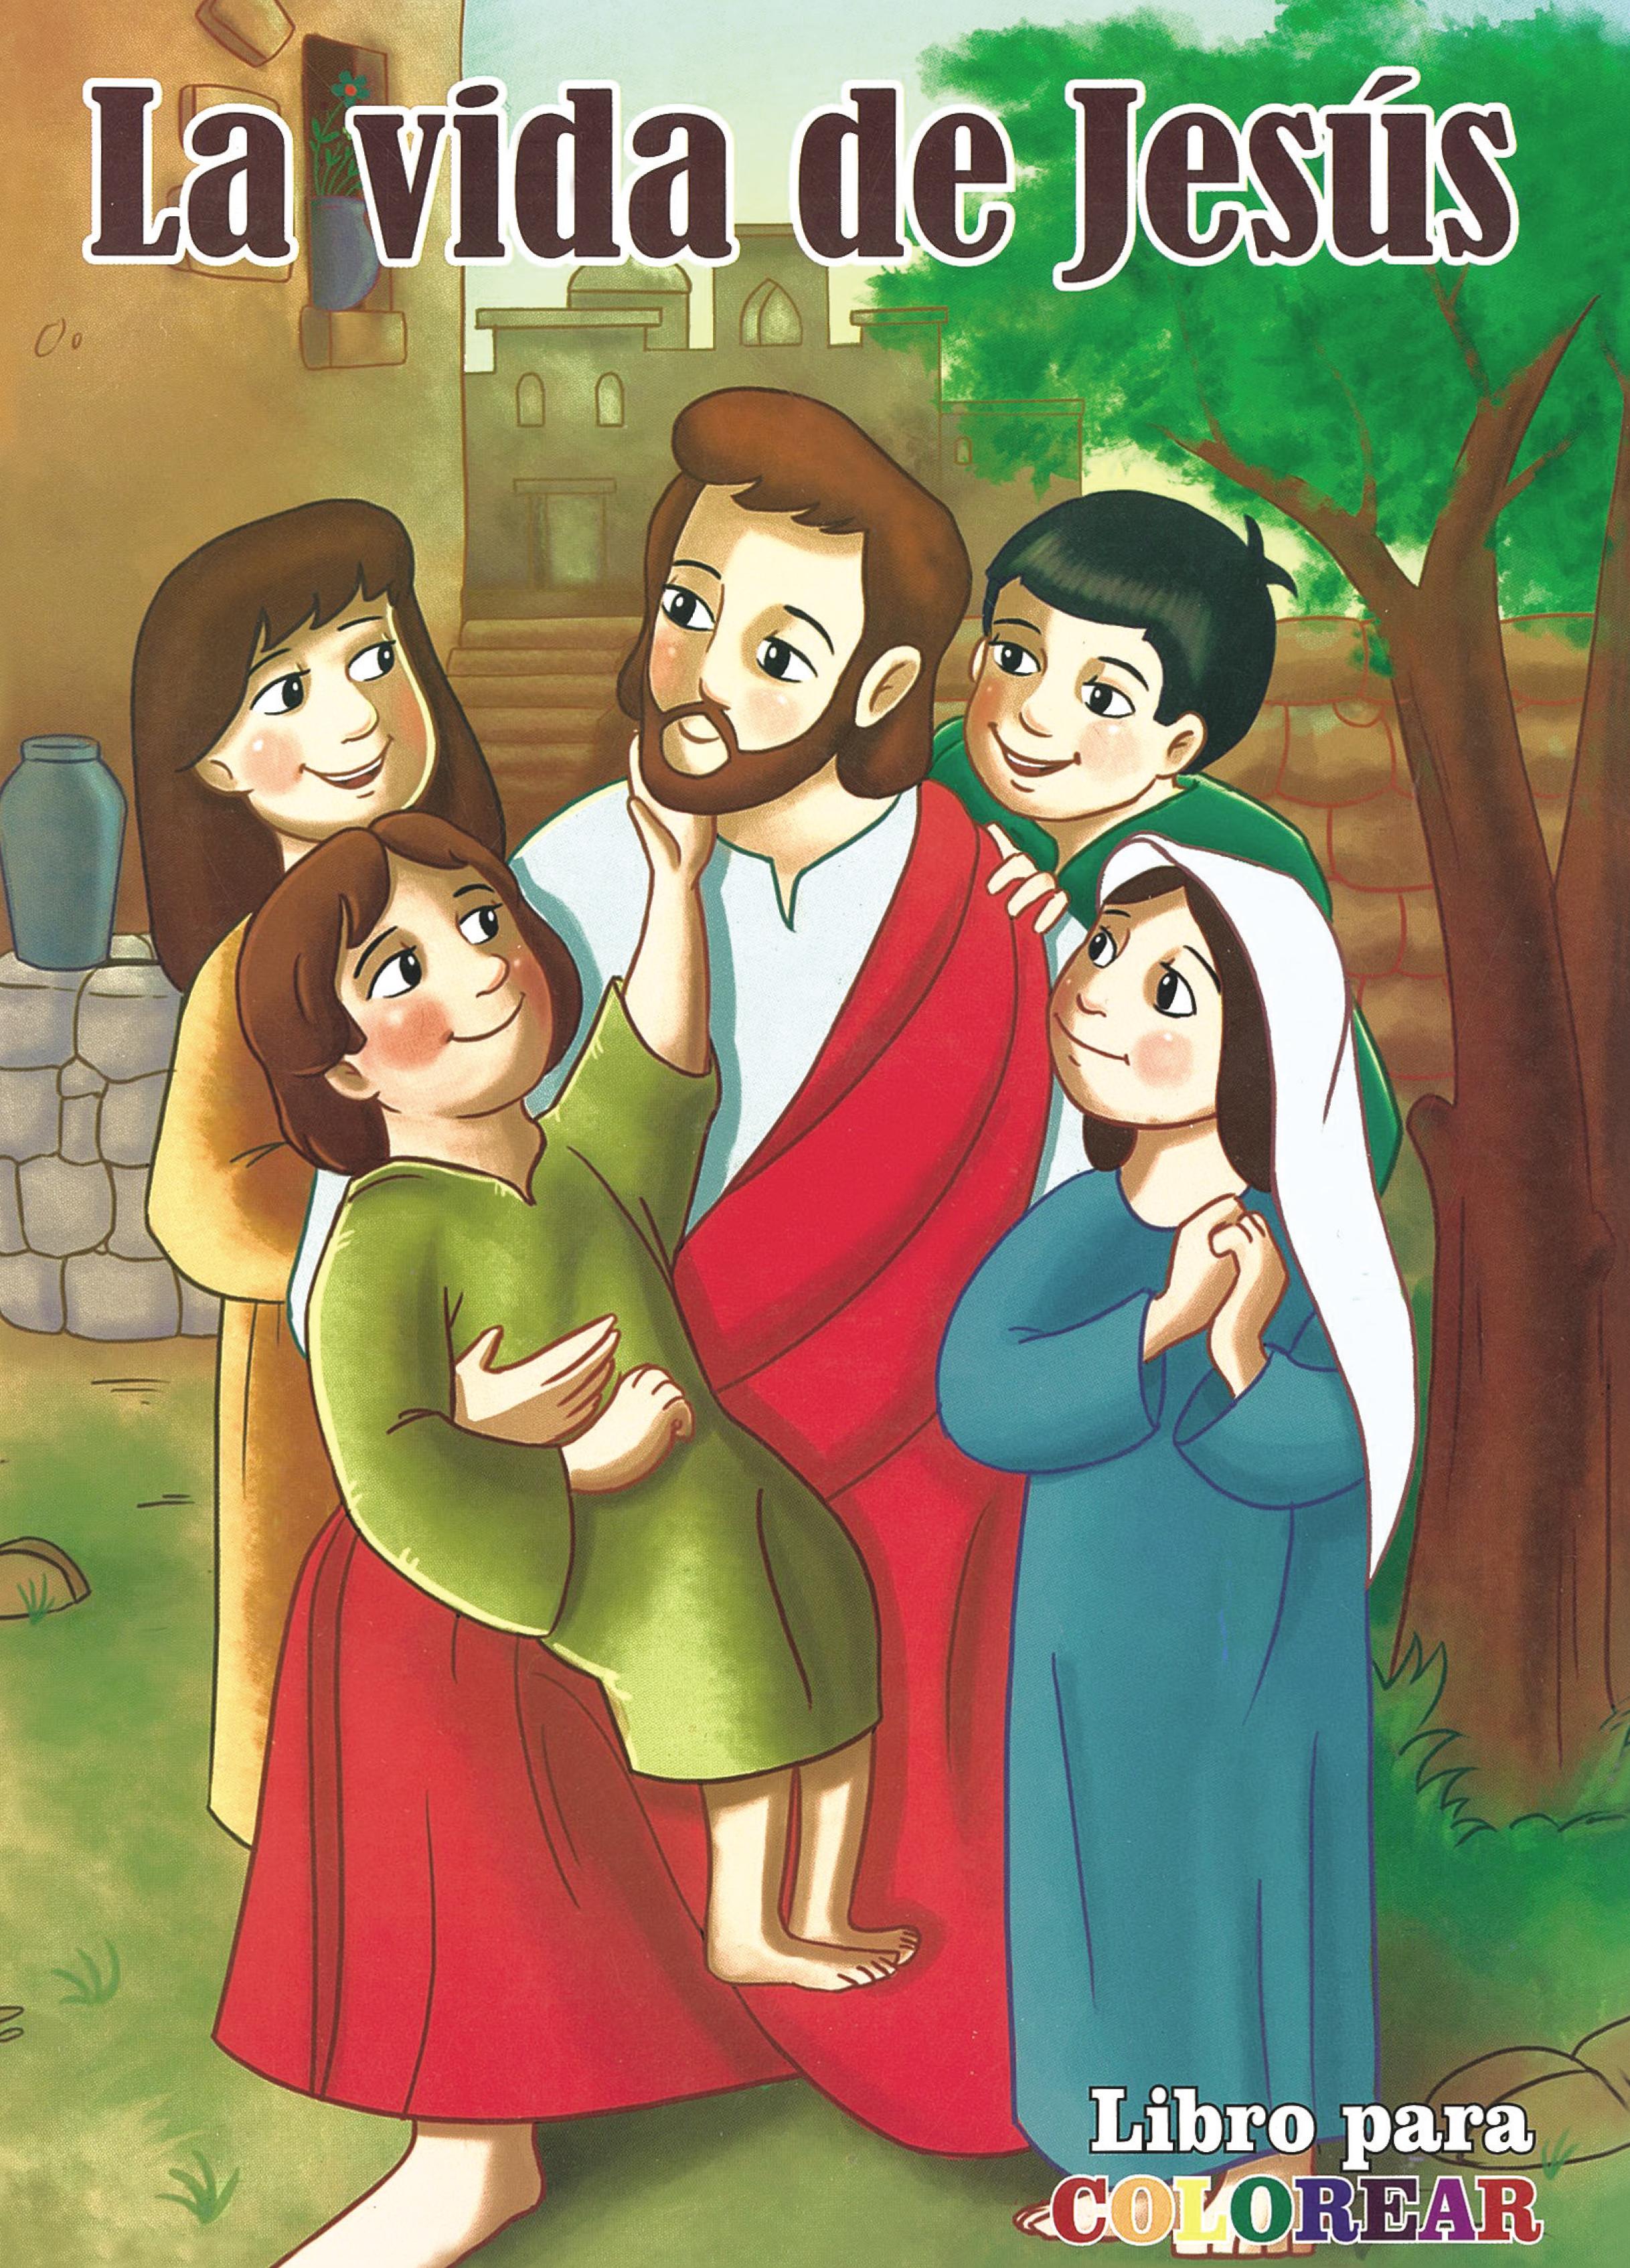 Libro para Colorear la Vida de Jesús Image